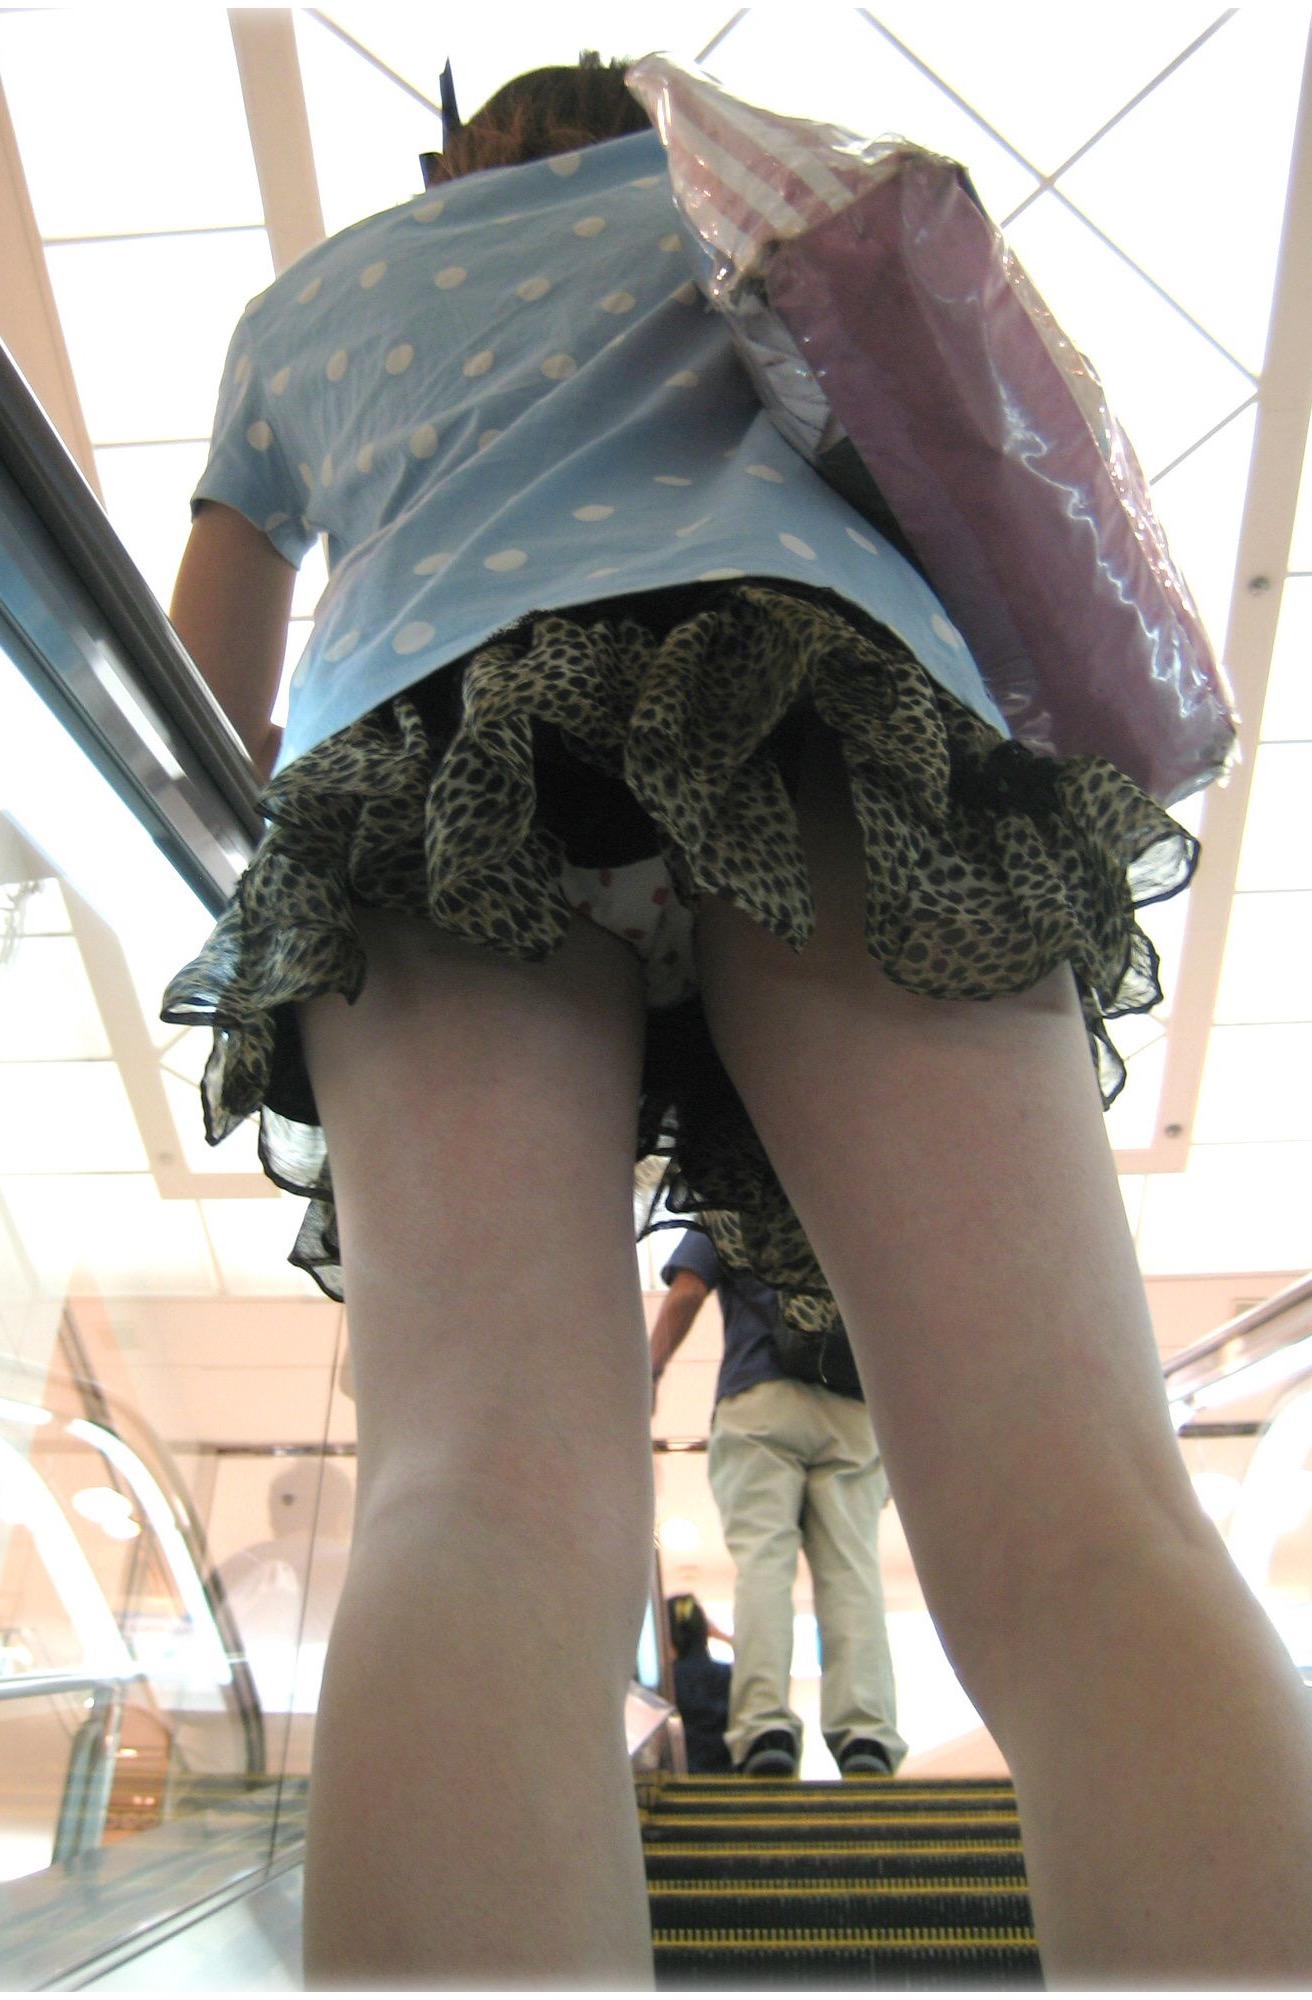 アダルト画像3次元 - ミニスカS級素人を追跡して行ったらやっぱり階段でモロパン見れた